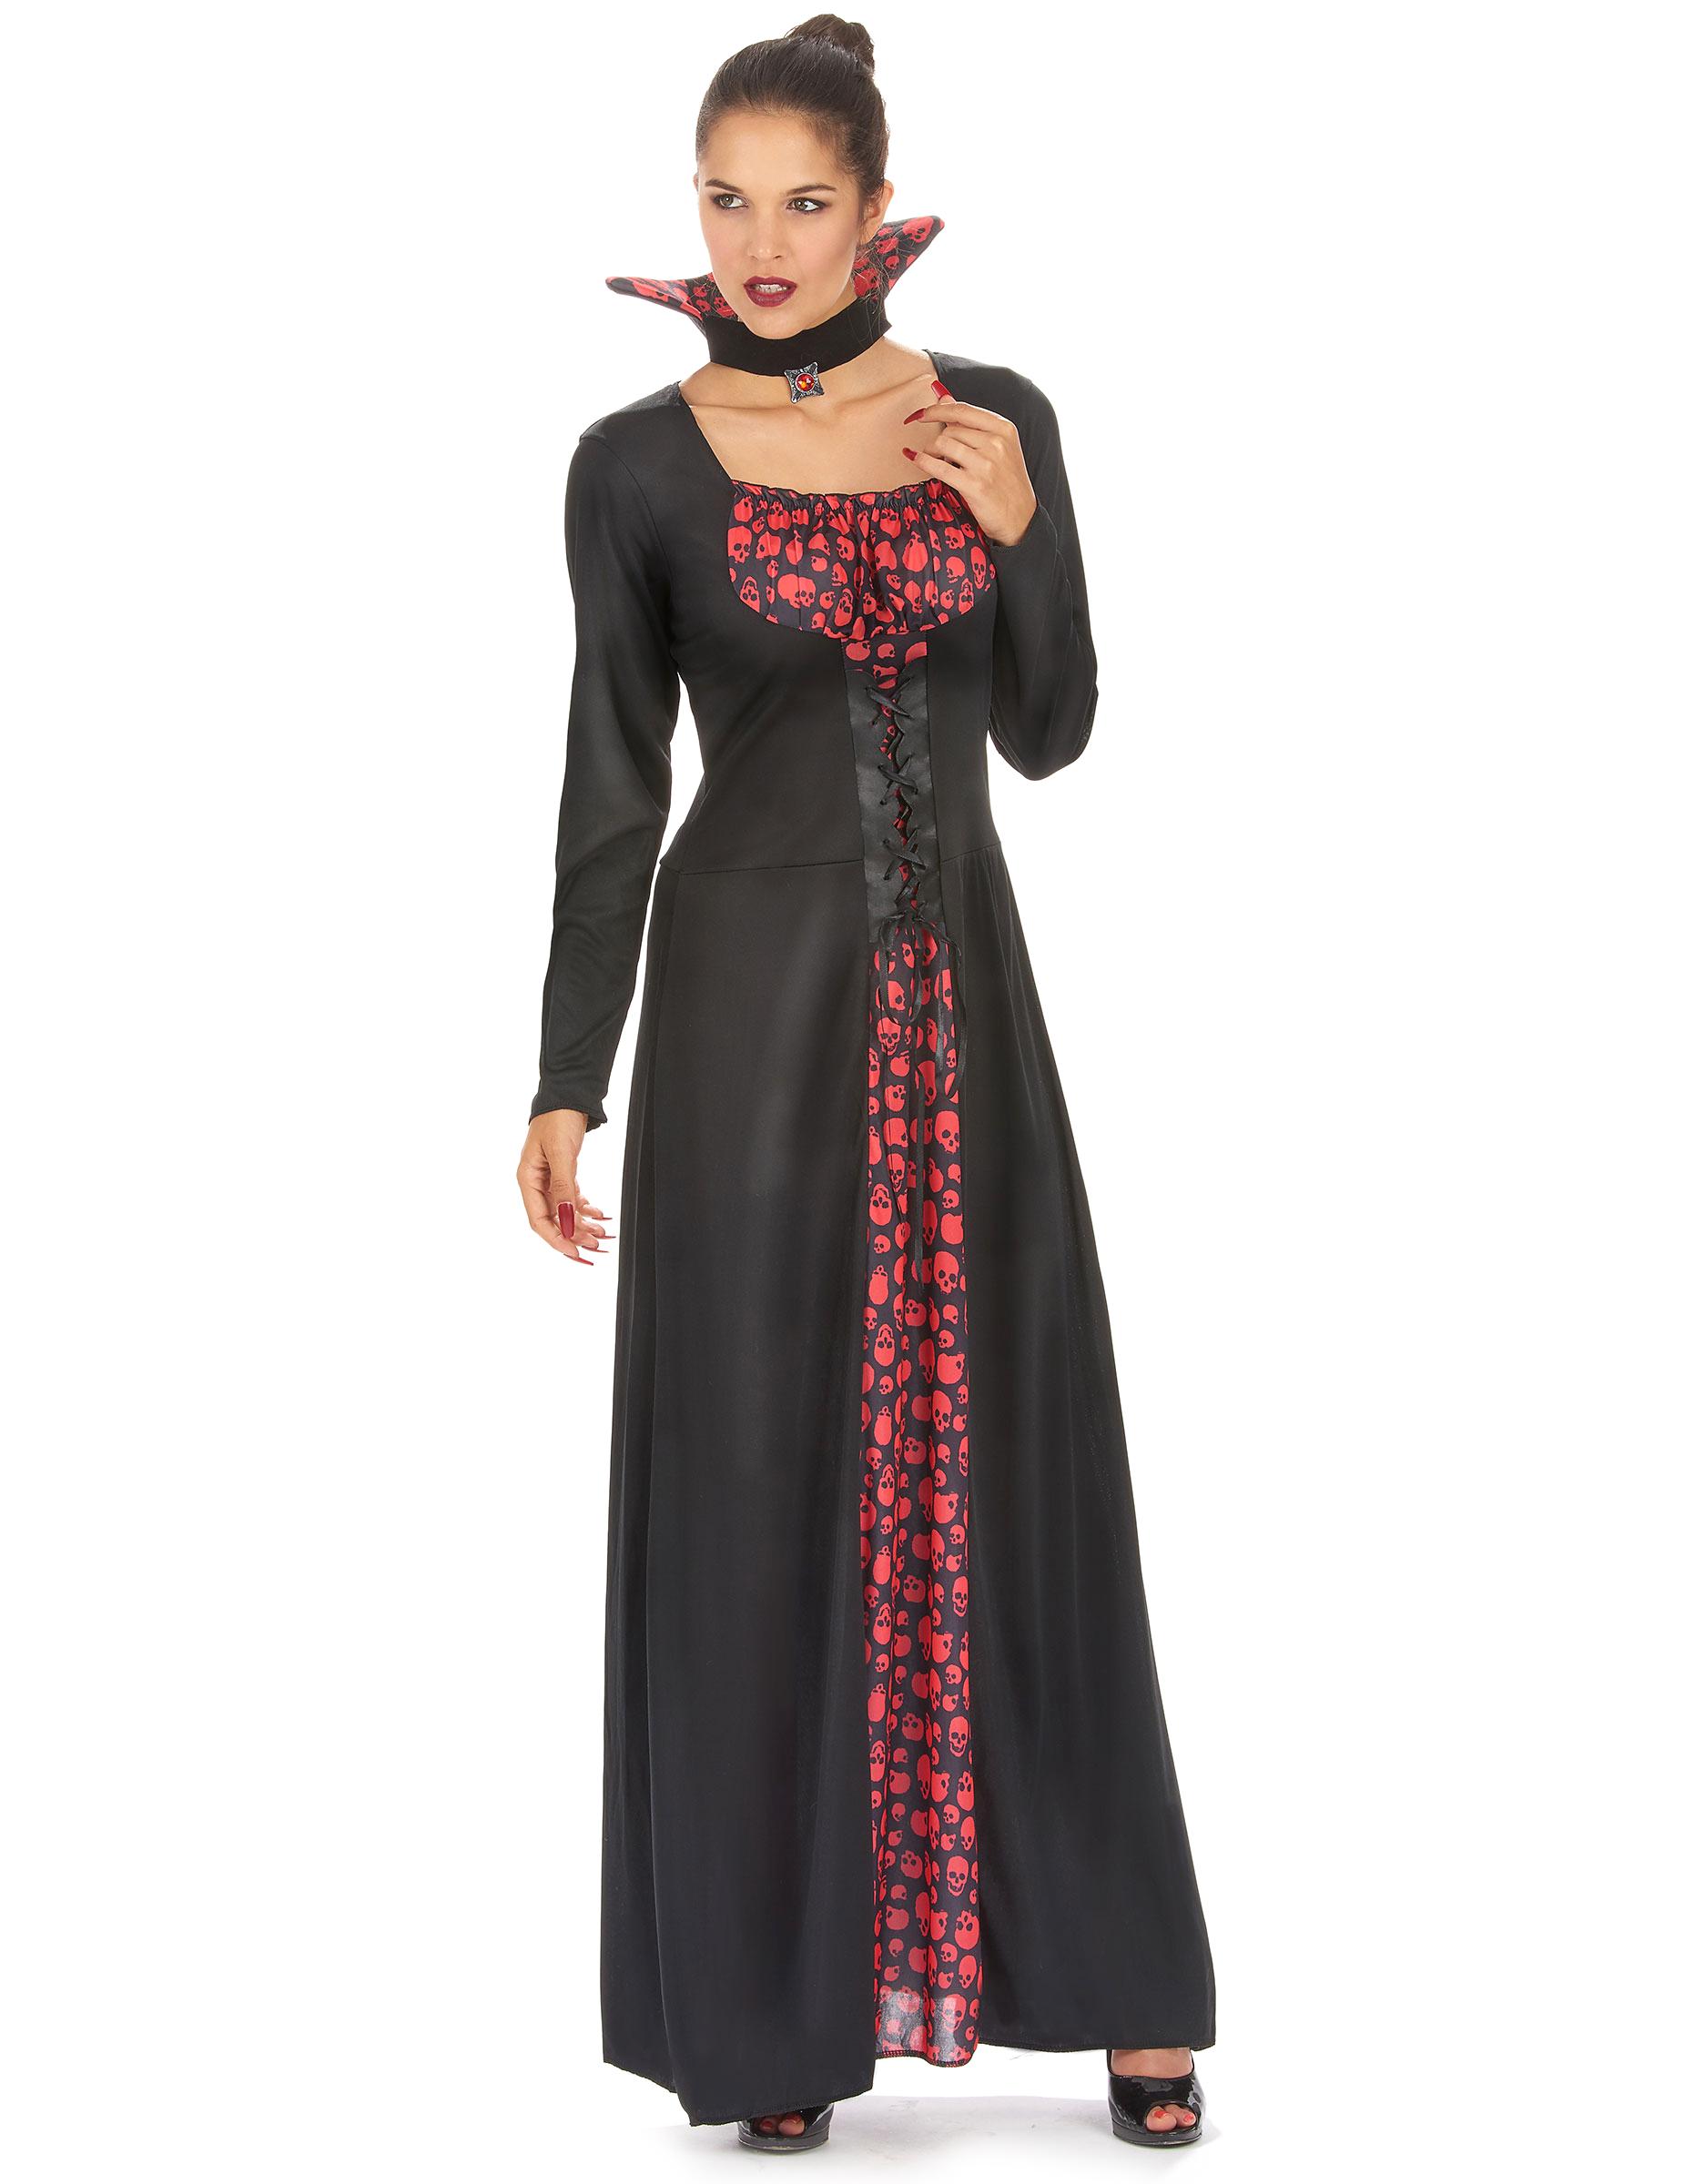 Costume vampire femme suisse - Costume vampire femme ...